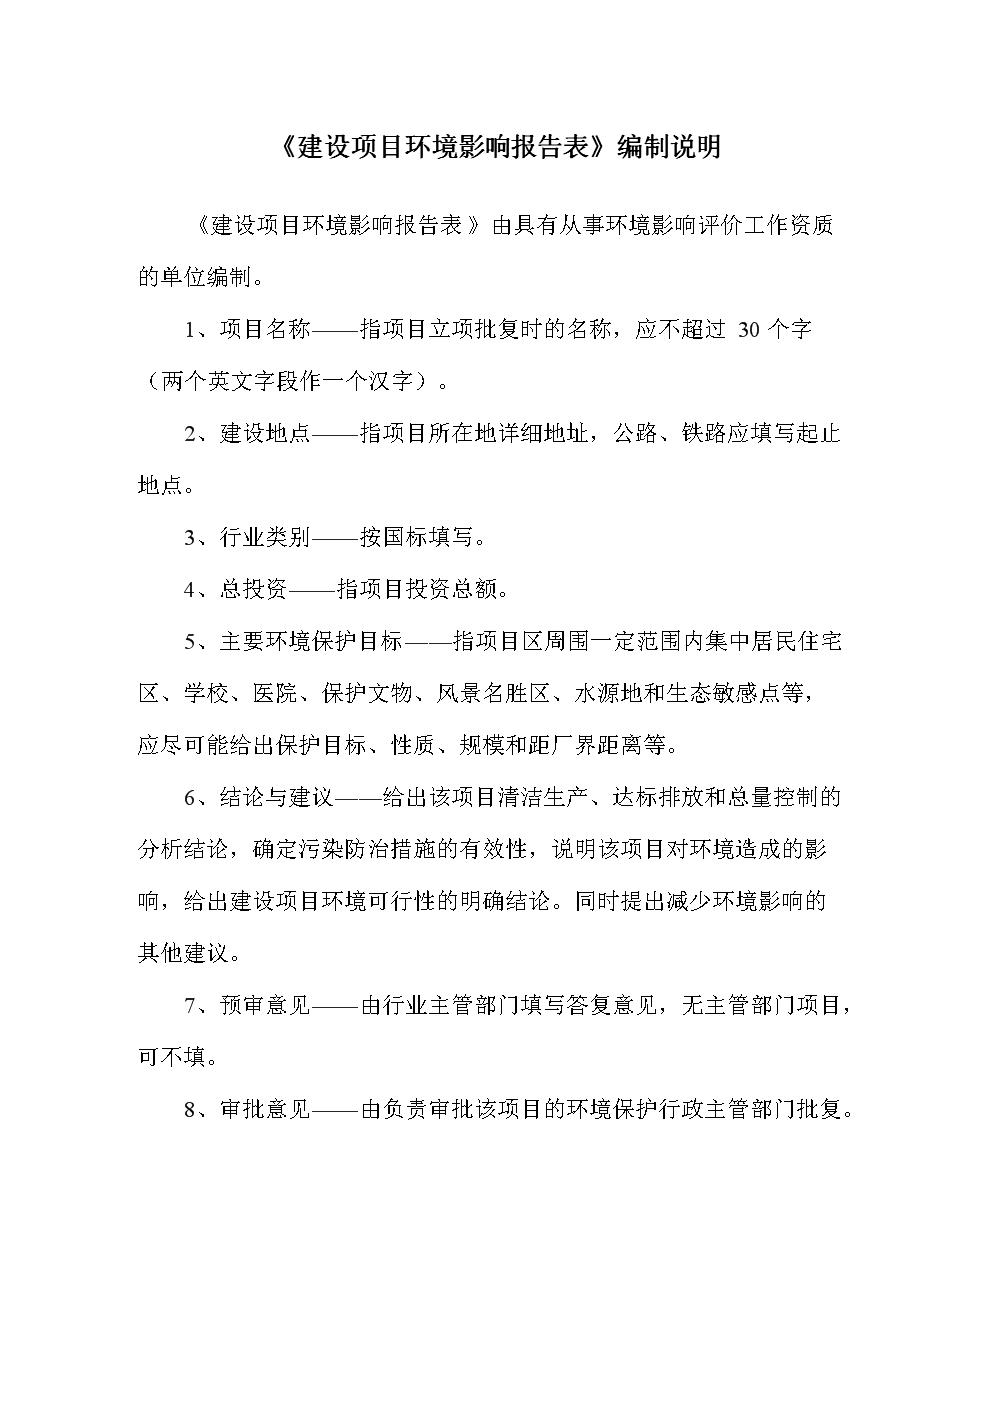 年产1000万条编织袋生产线建设项目(旺安包装公司)环境影响报告.doc